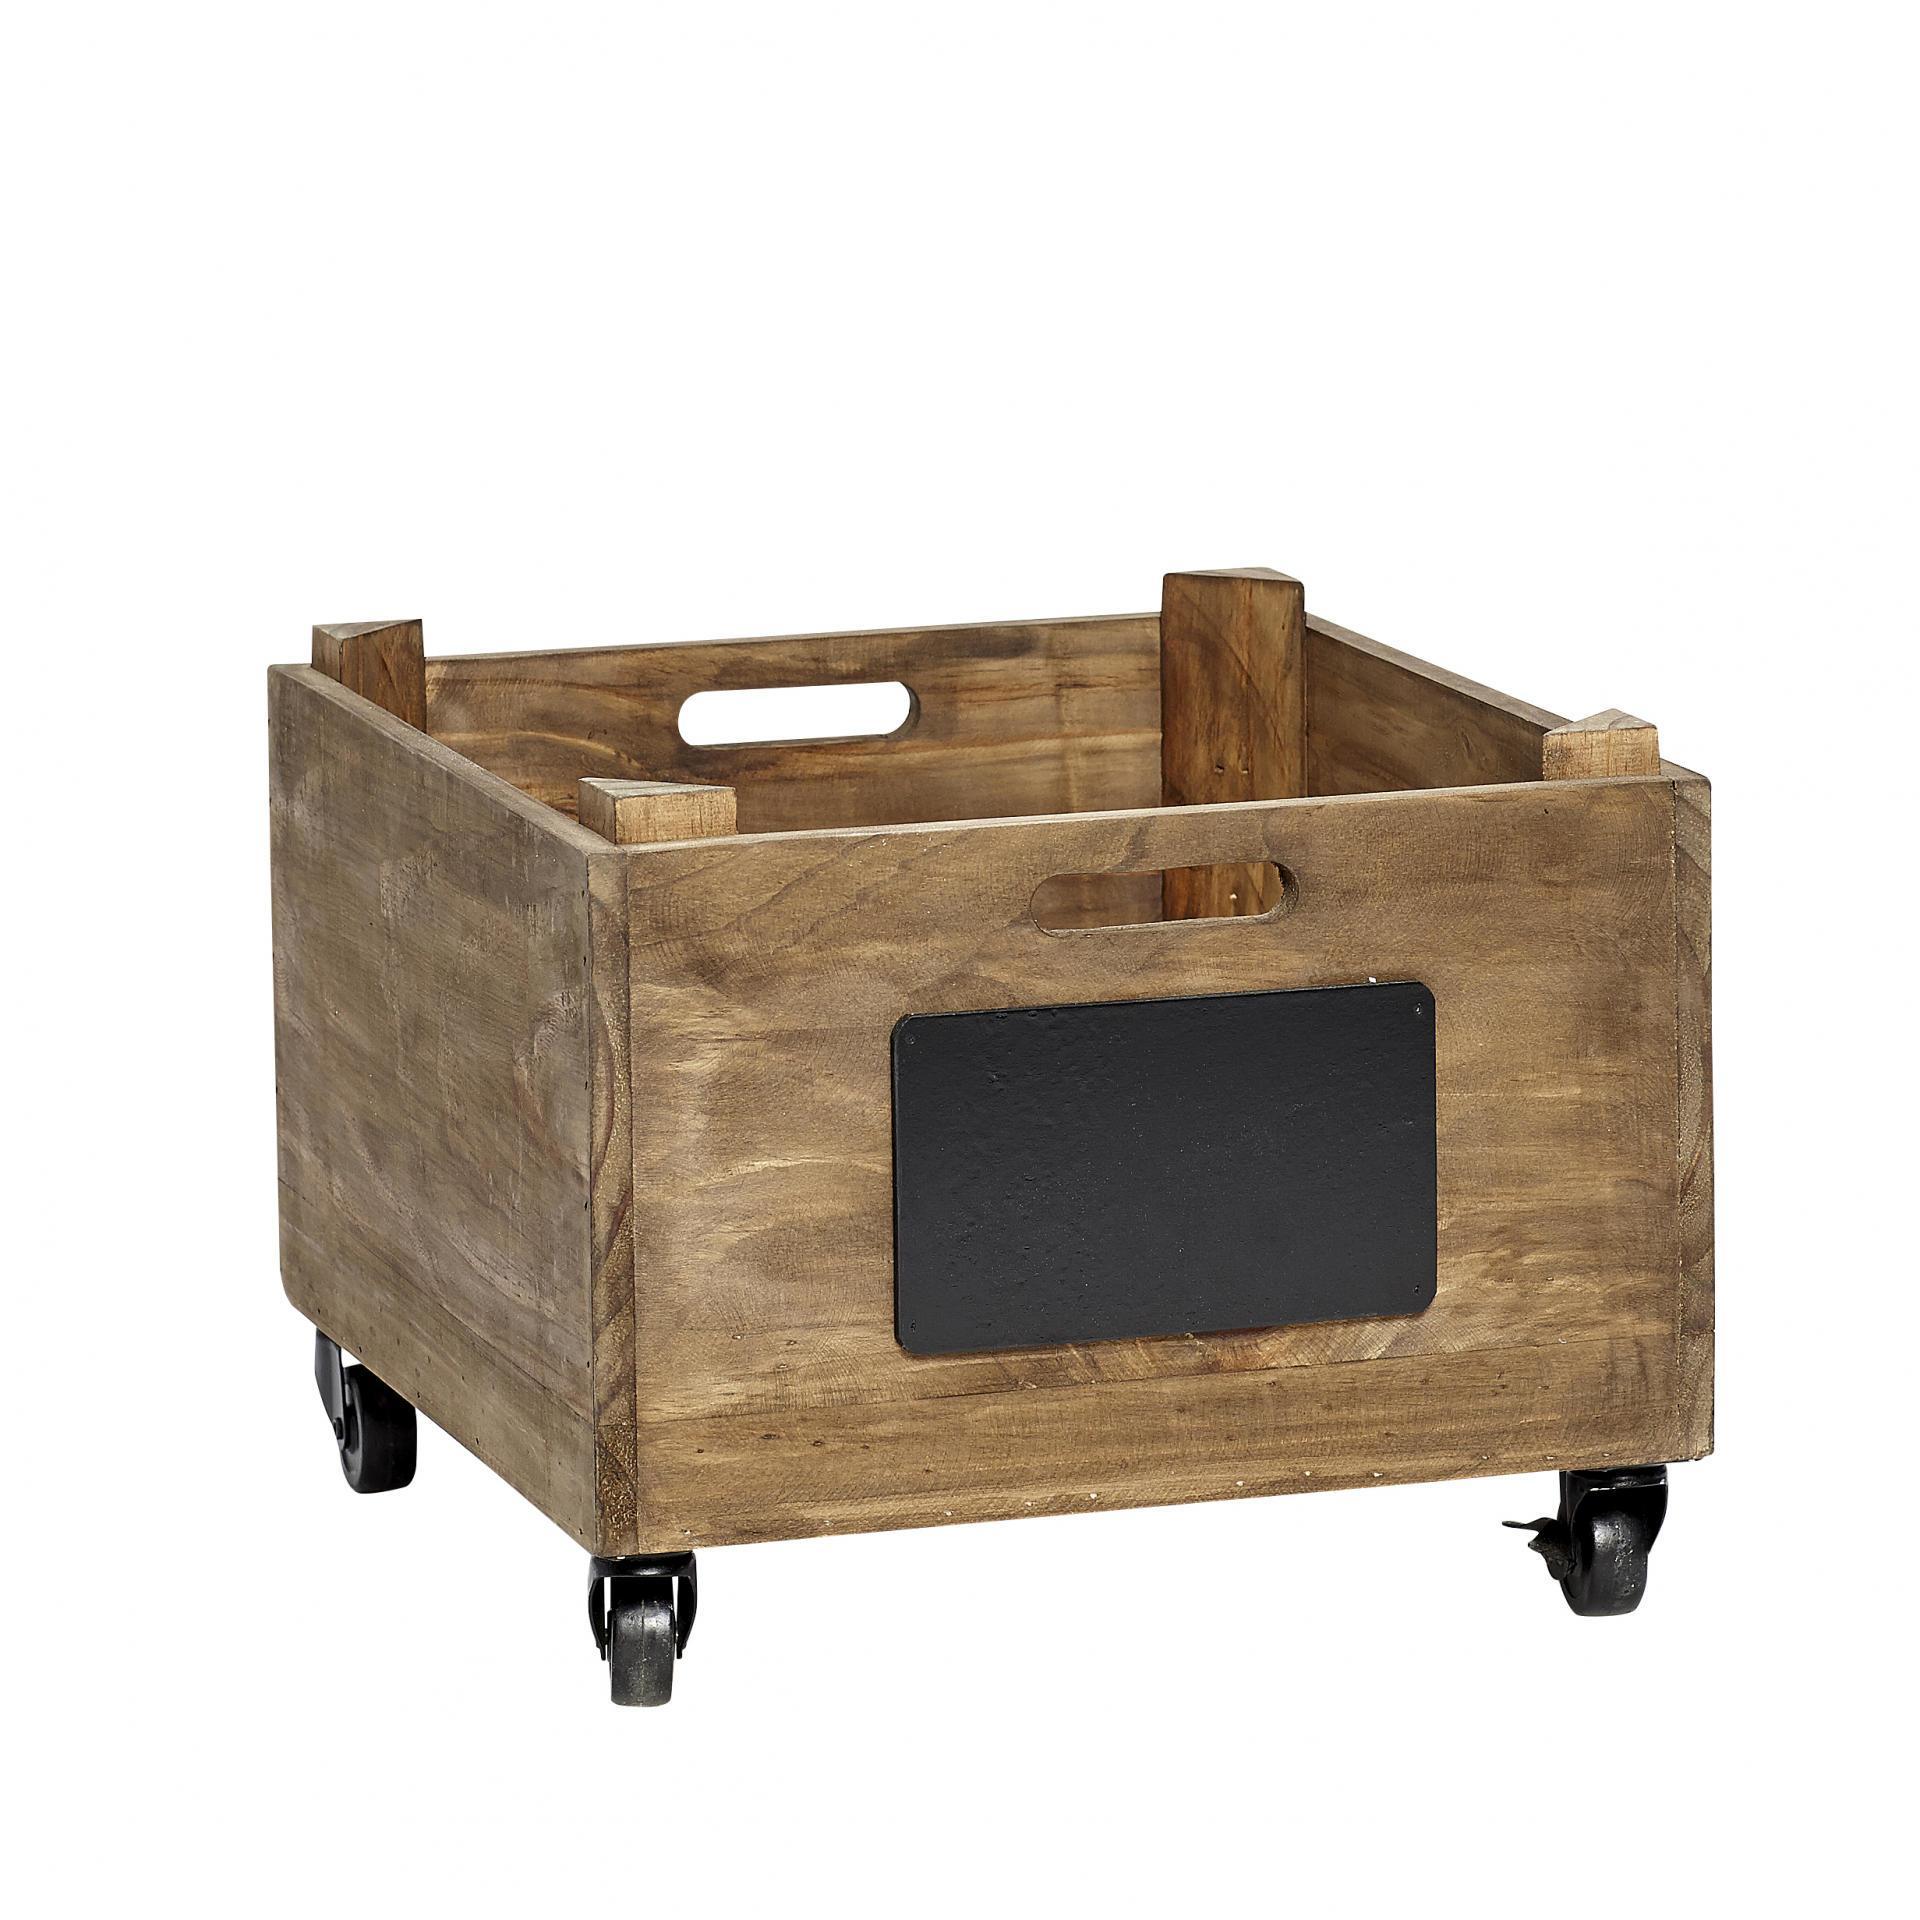 Hübsch Dřevěná bedýnka s kolečky Box